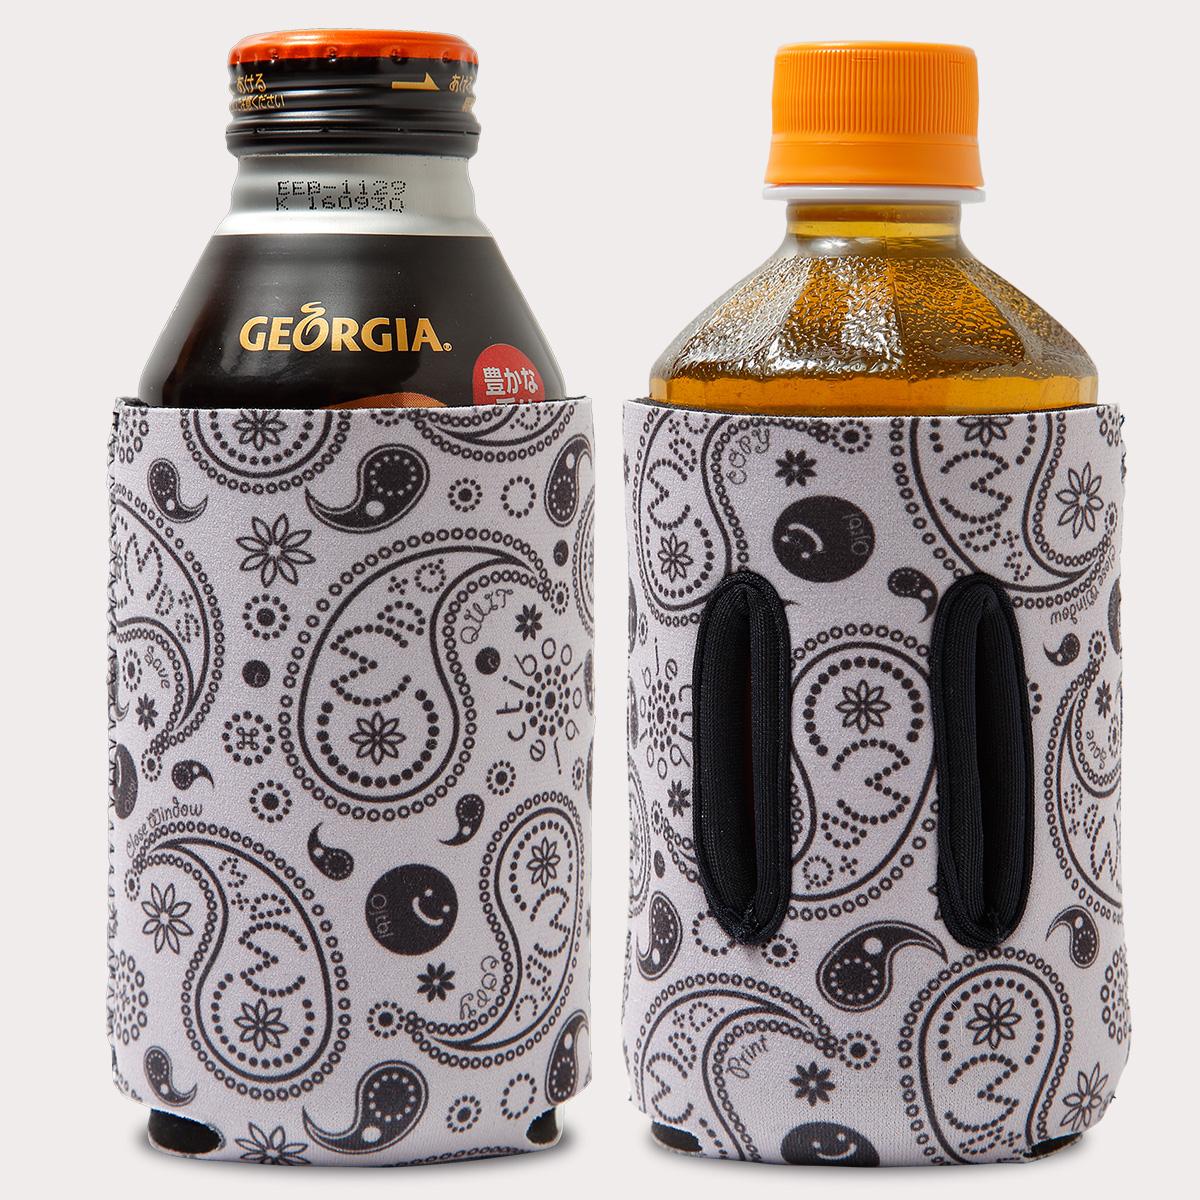 通せるクージー350 Referenceはペットボトル・大きめの缶コーヒーにも使えます